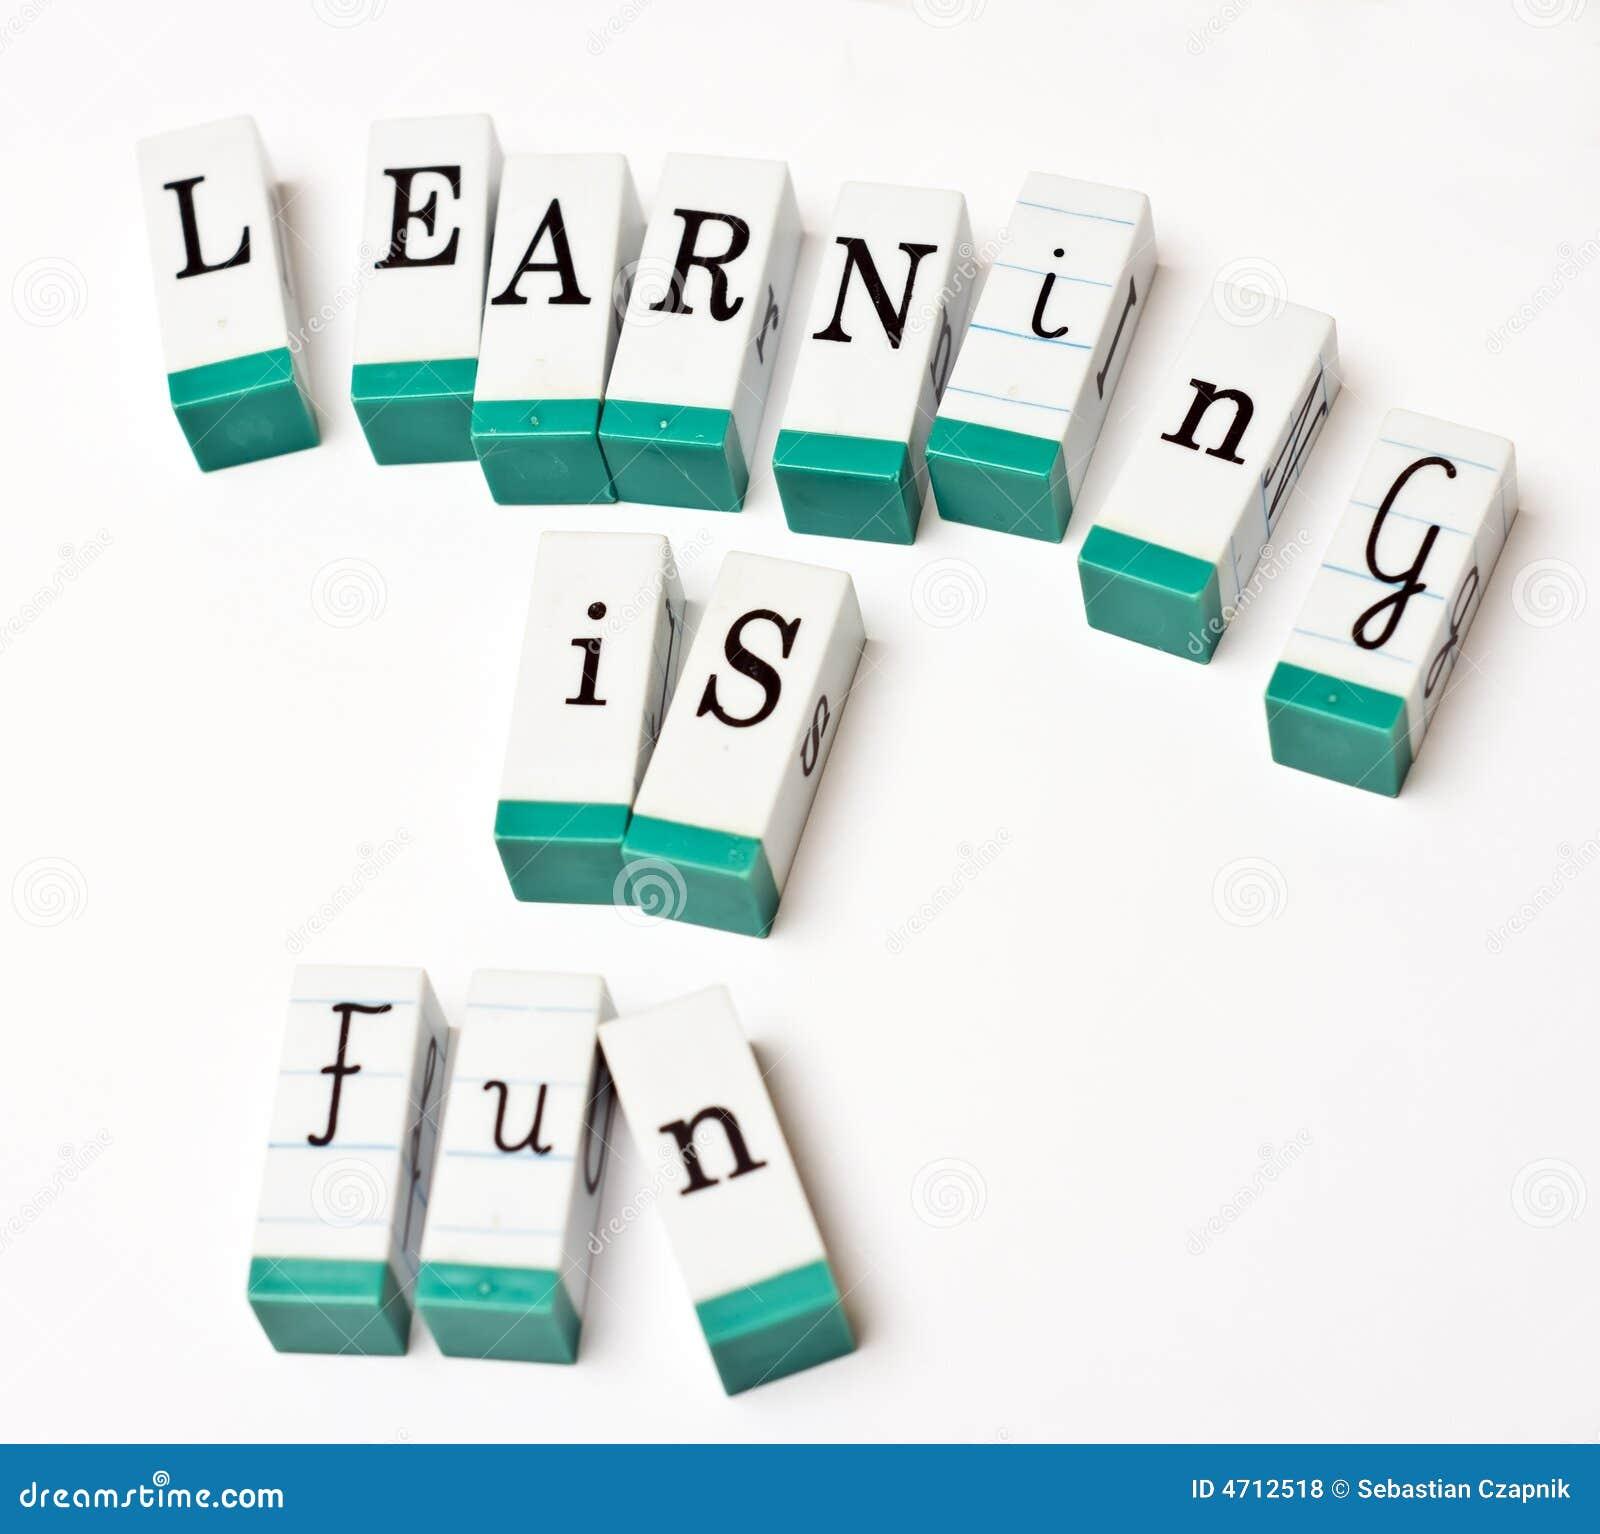 El aprendizaje es diversión